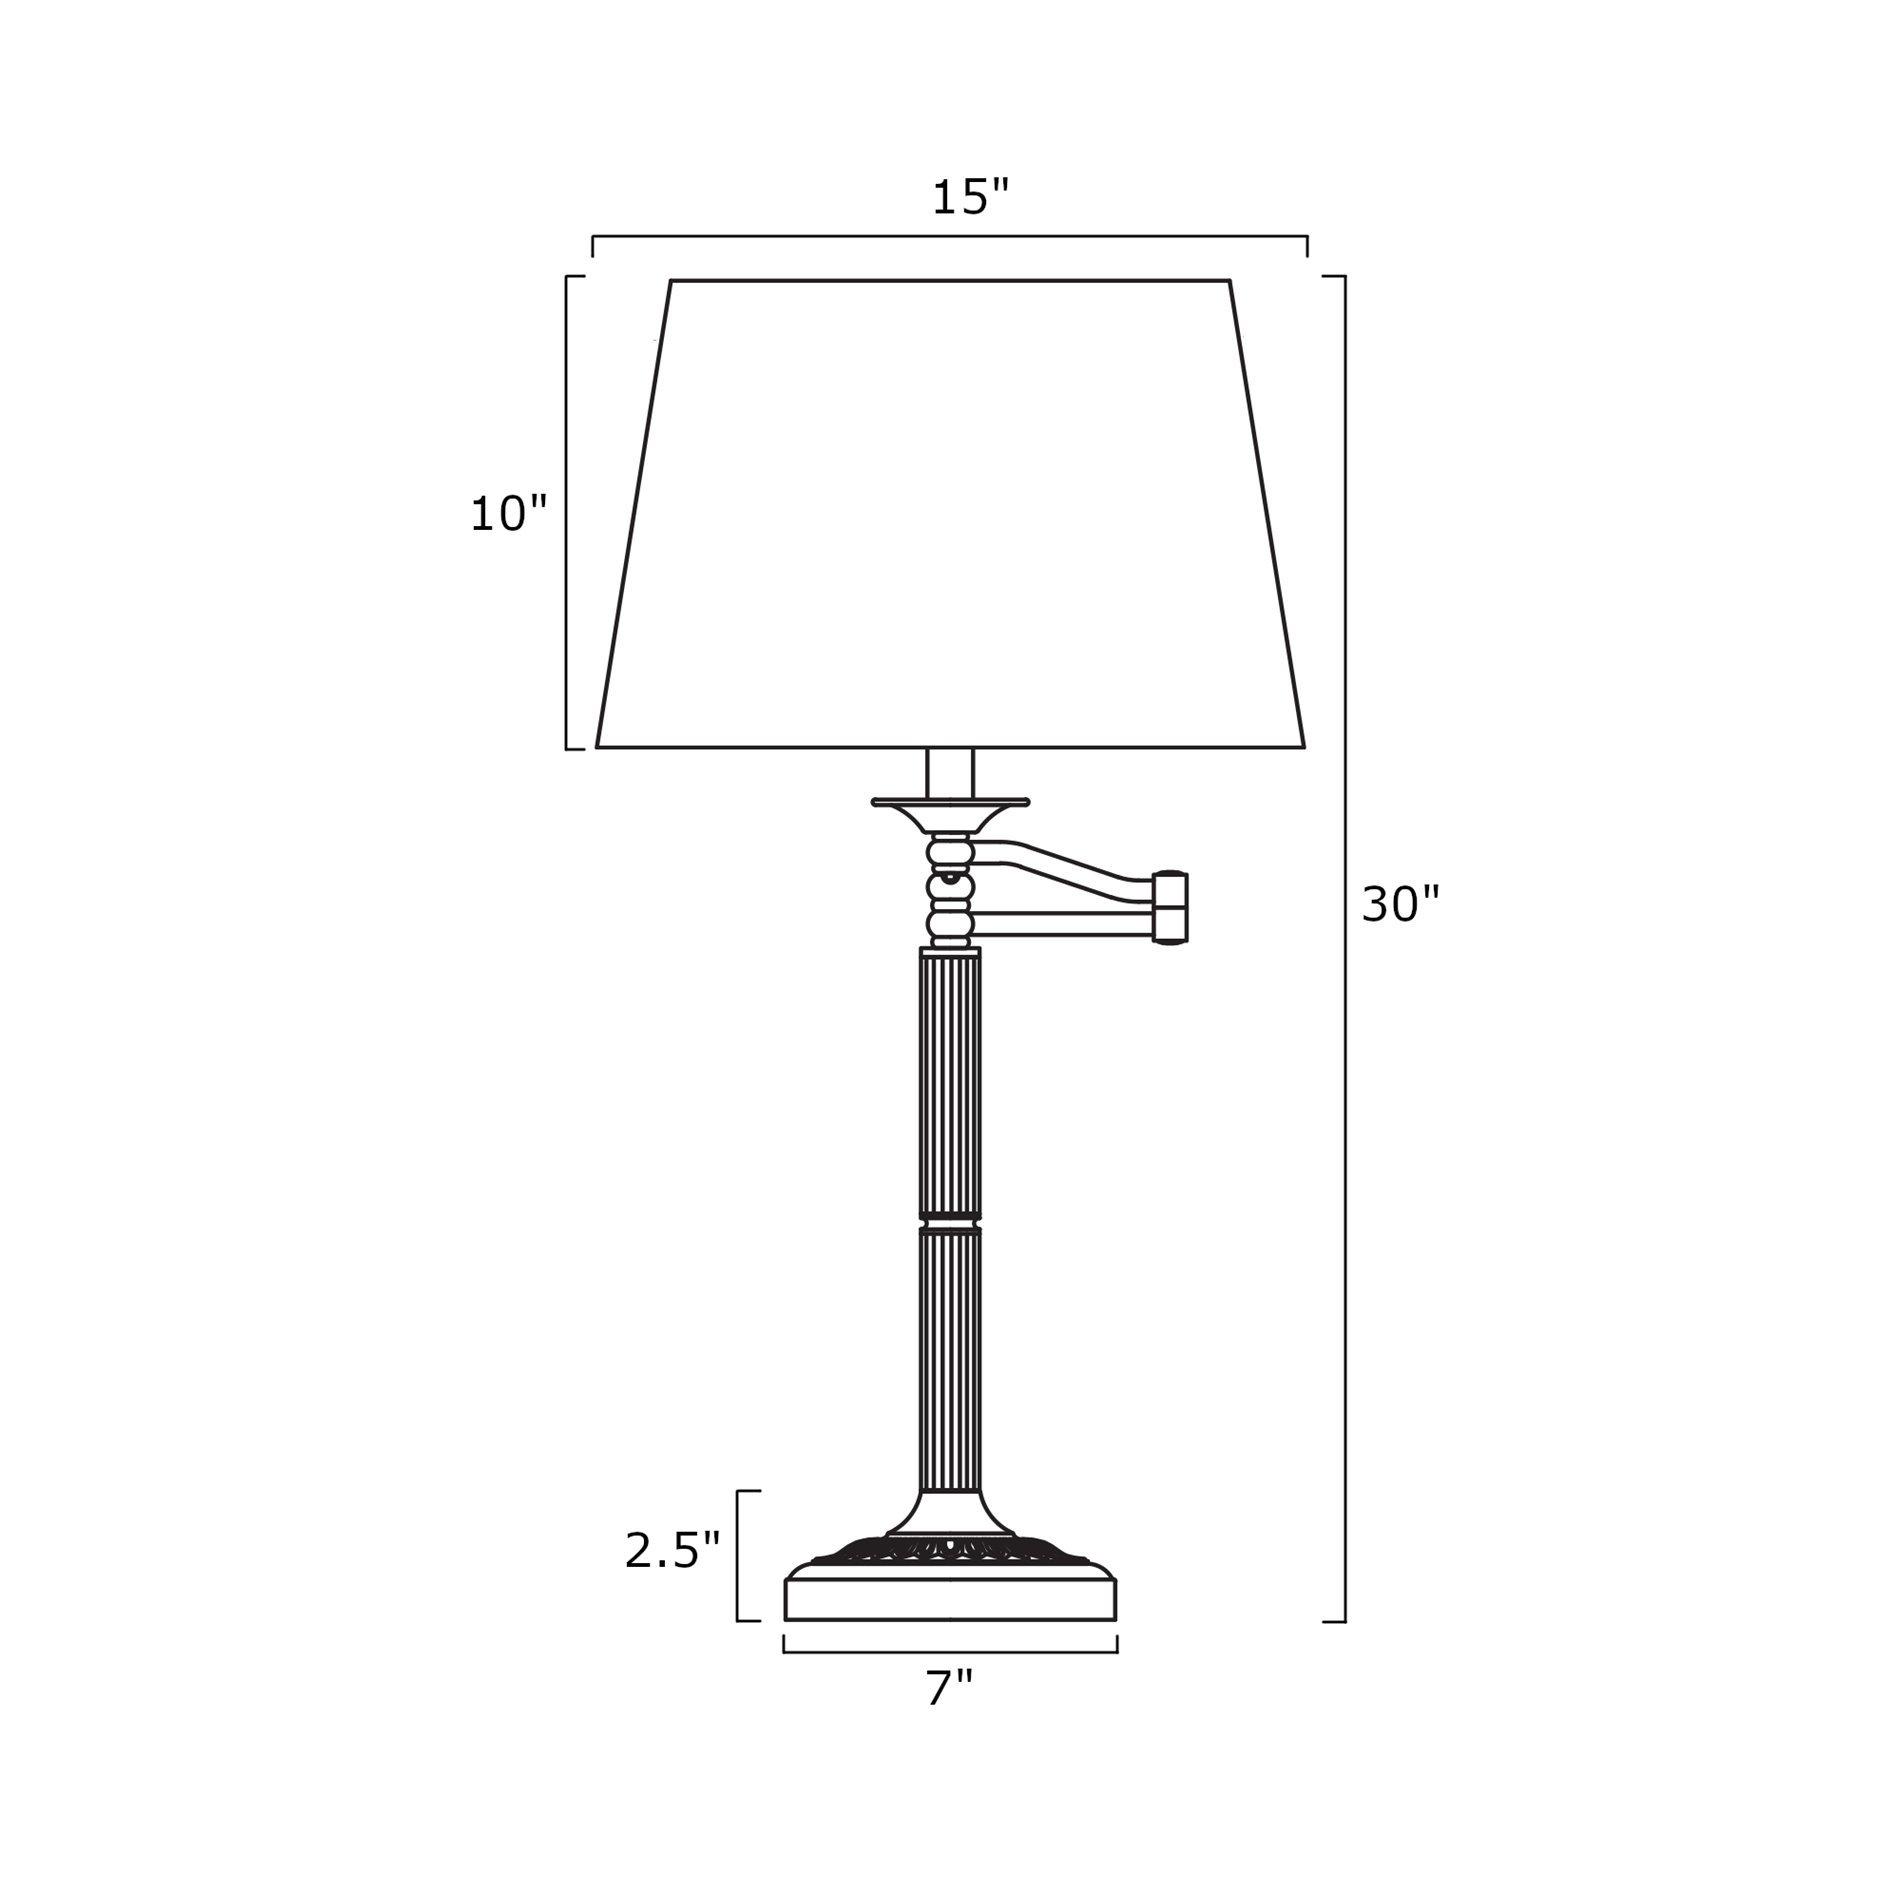 Revel/Kira Home Fremont 30'' Swing Arm Table Lamp + Light Gray Shade, Matte Black Finish by Kira Home (Image #3)